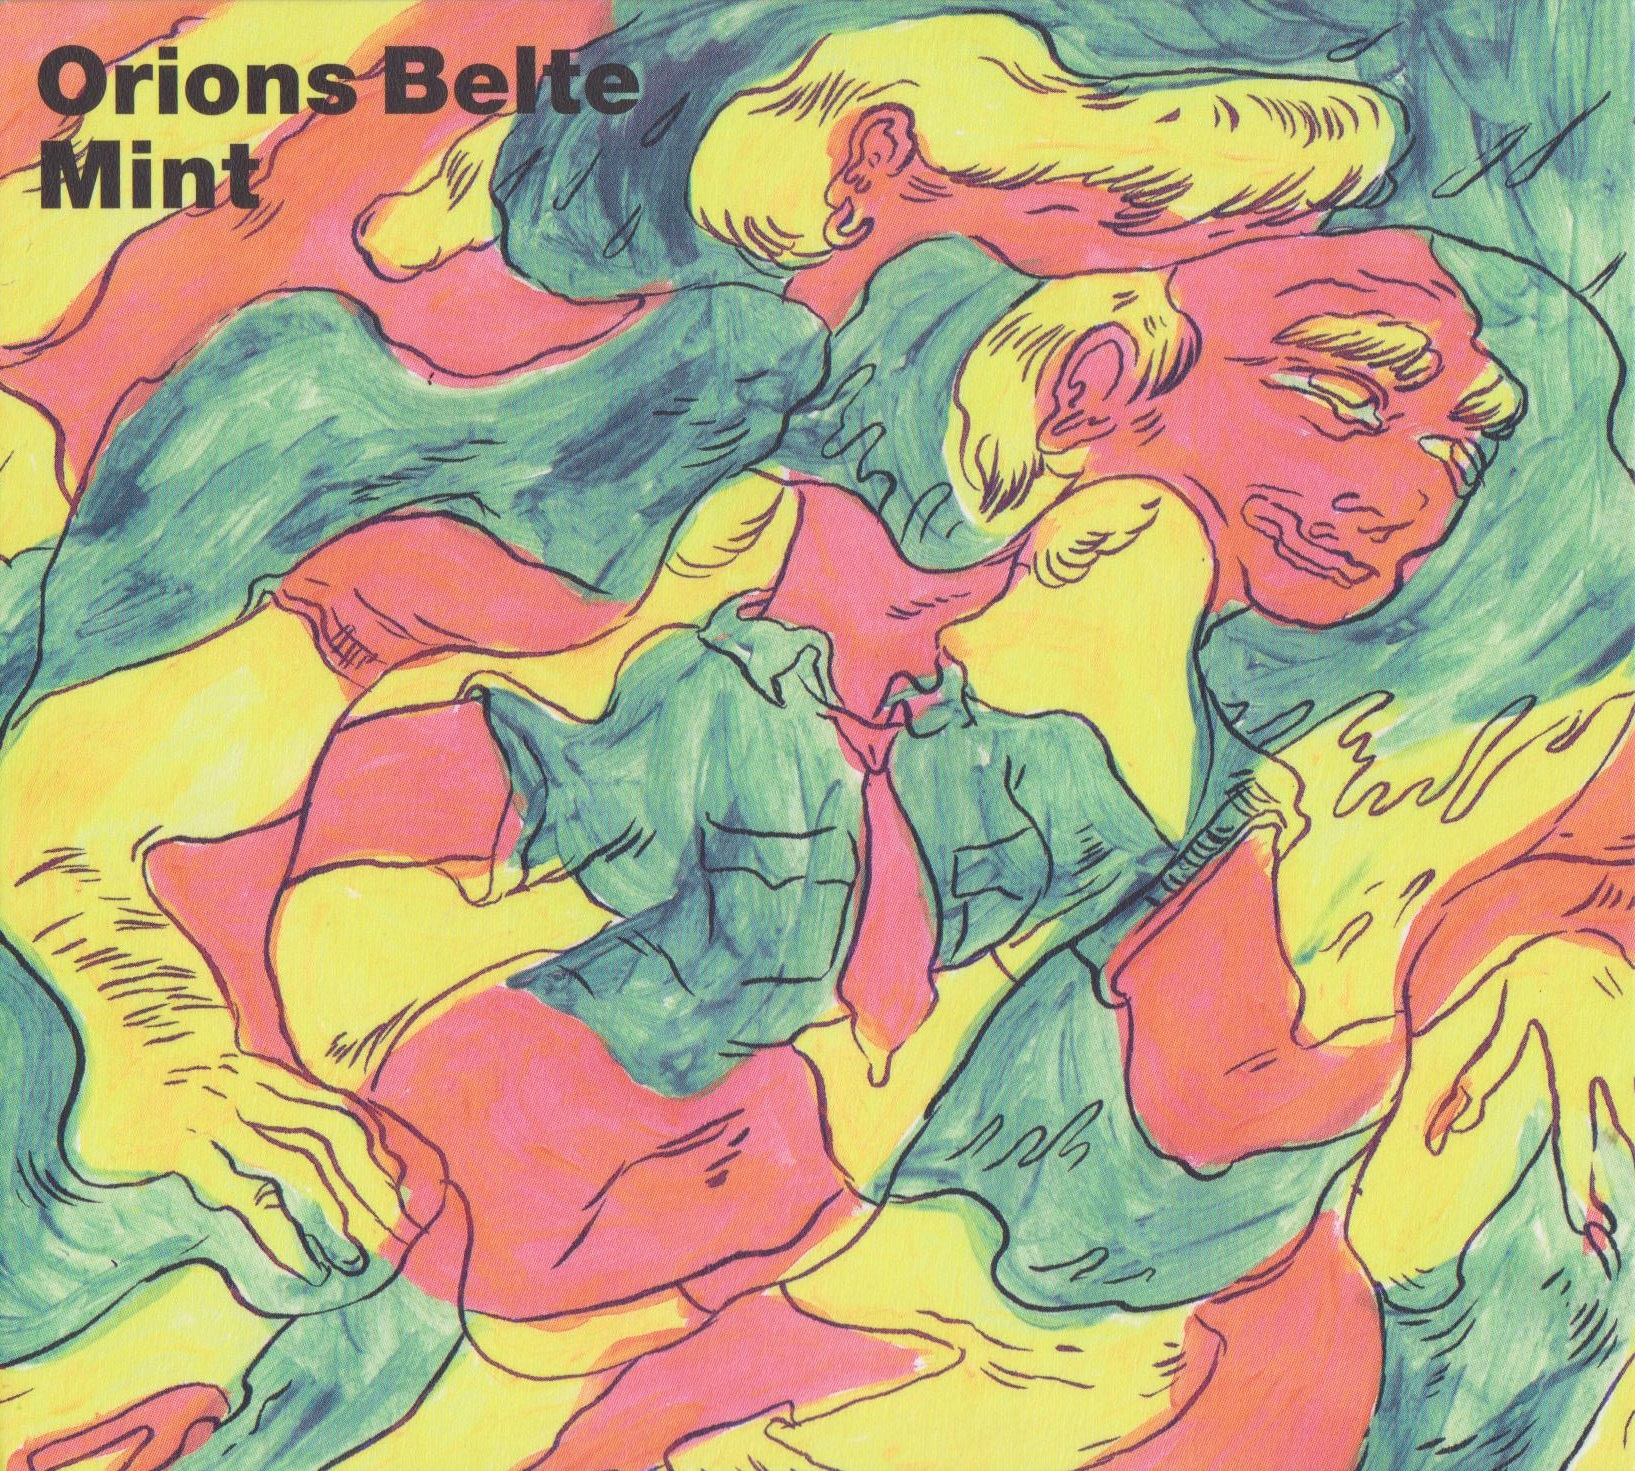 Orions Belte – Mint (Jansen)